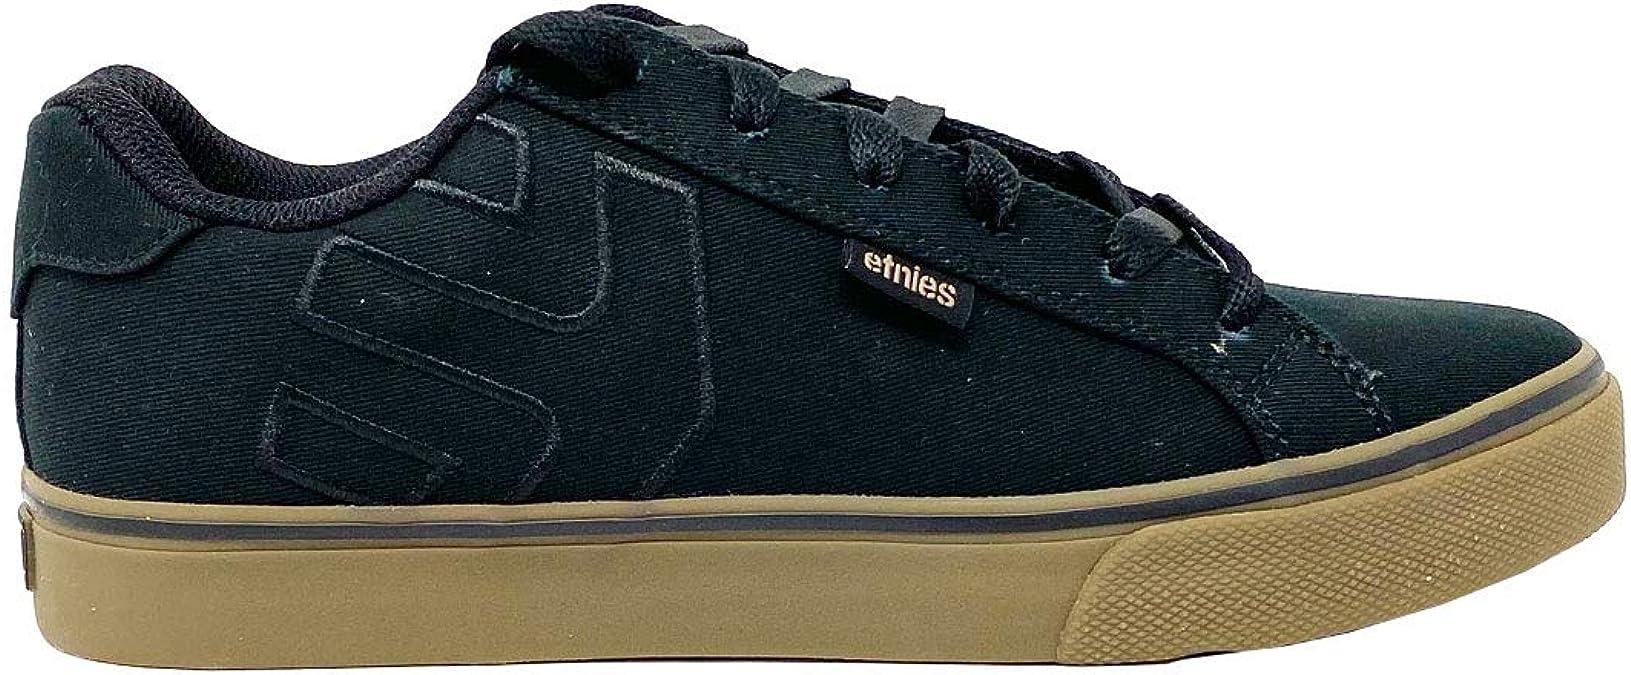 Etnies Men's Fader Vulc Low Top Sneaker Shoes: